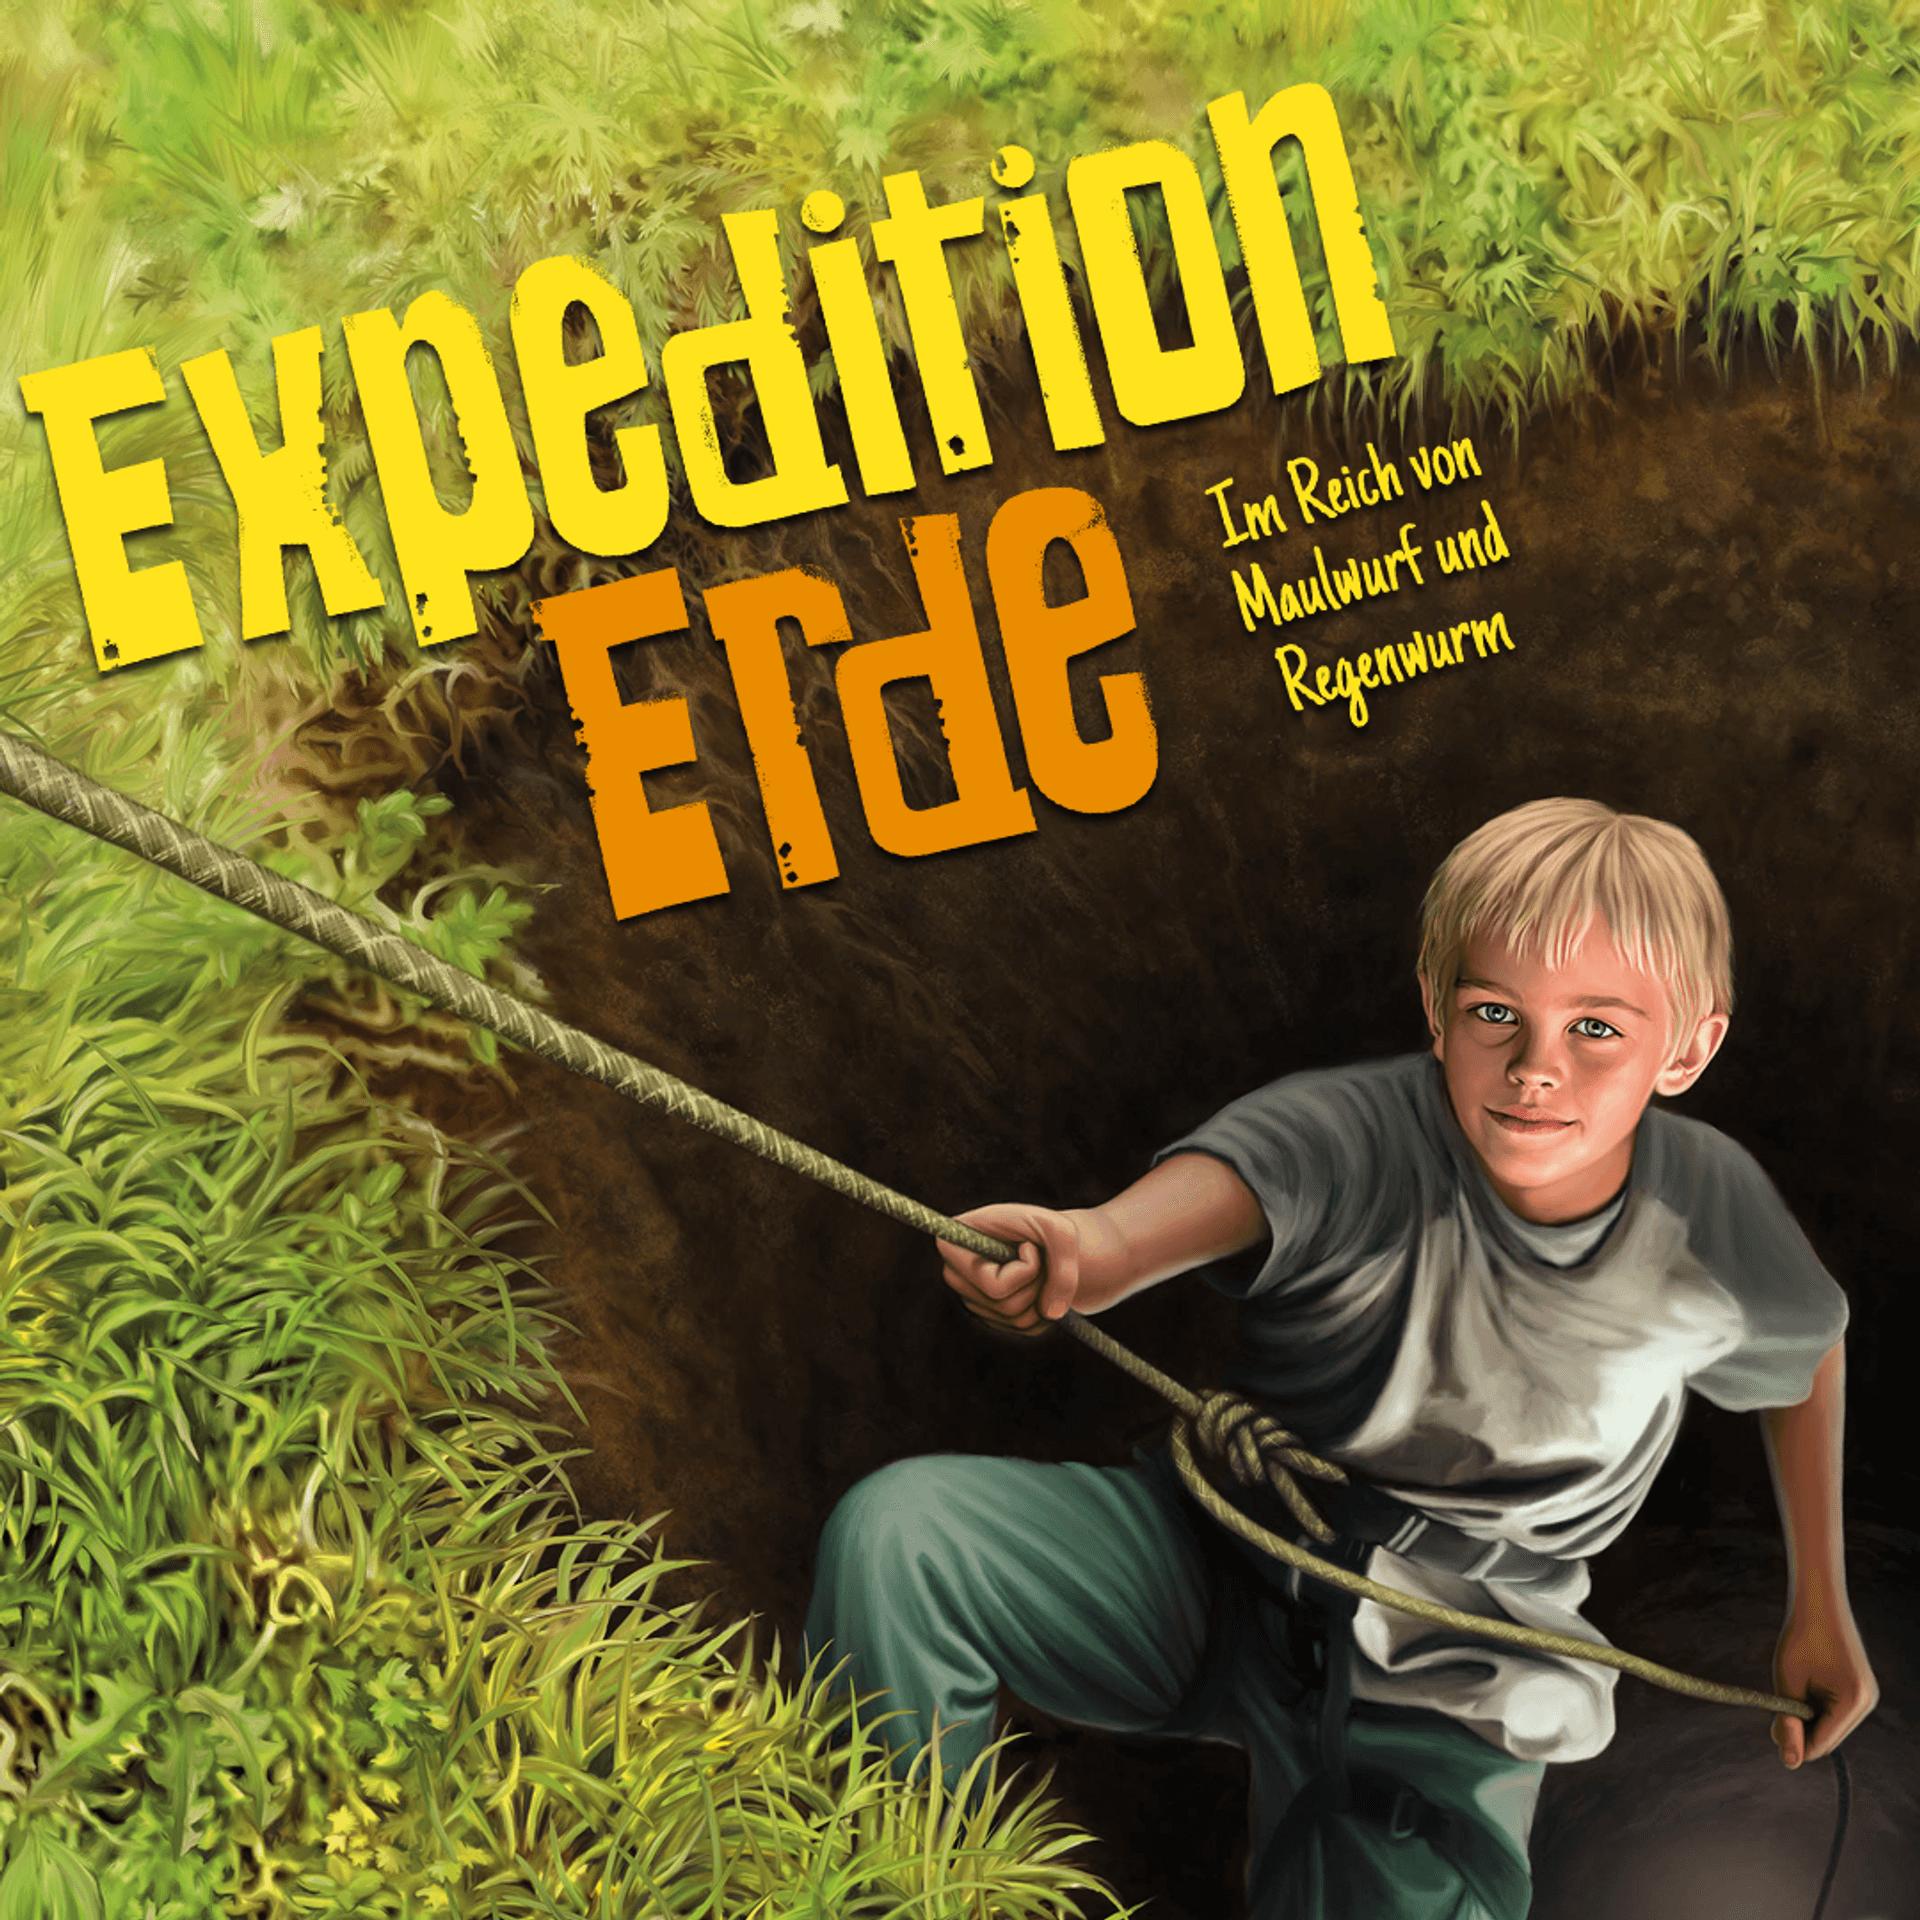 Junge hangelt sich an einem Seil aus einer Grube